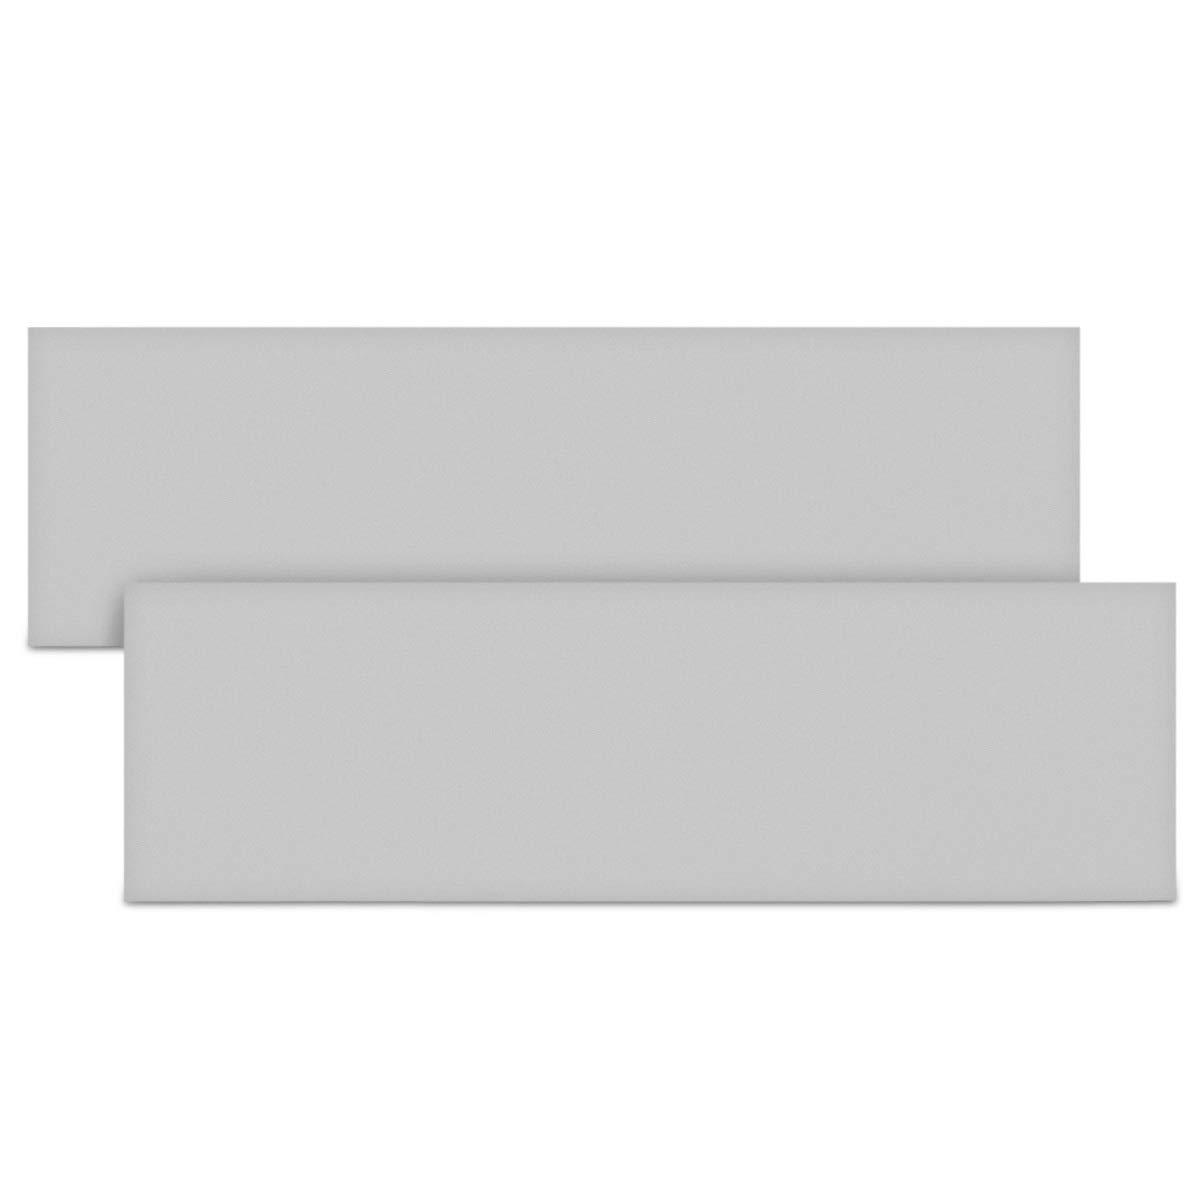 Garagenwand T/ürkantenschoner in Grau Autot/ür Schutz Garage Set selbstklebend kwmobile 4X Auto T/ürkantenschutz Wandschutz 40x12x1,5cm